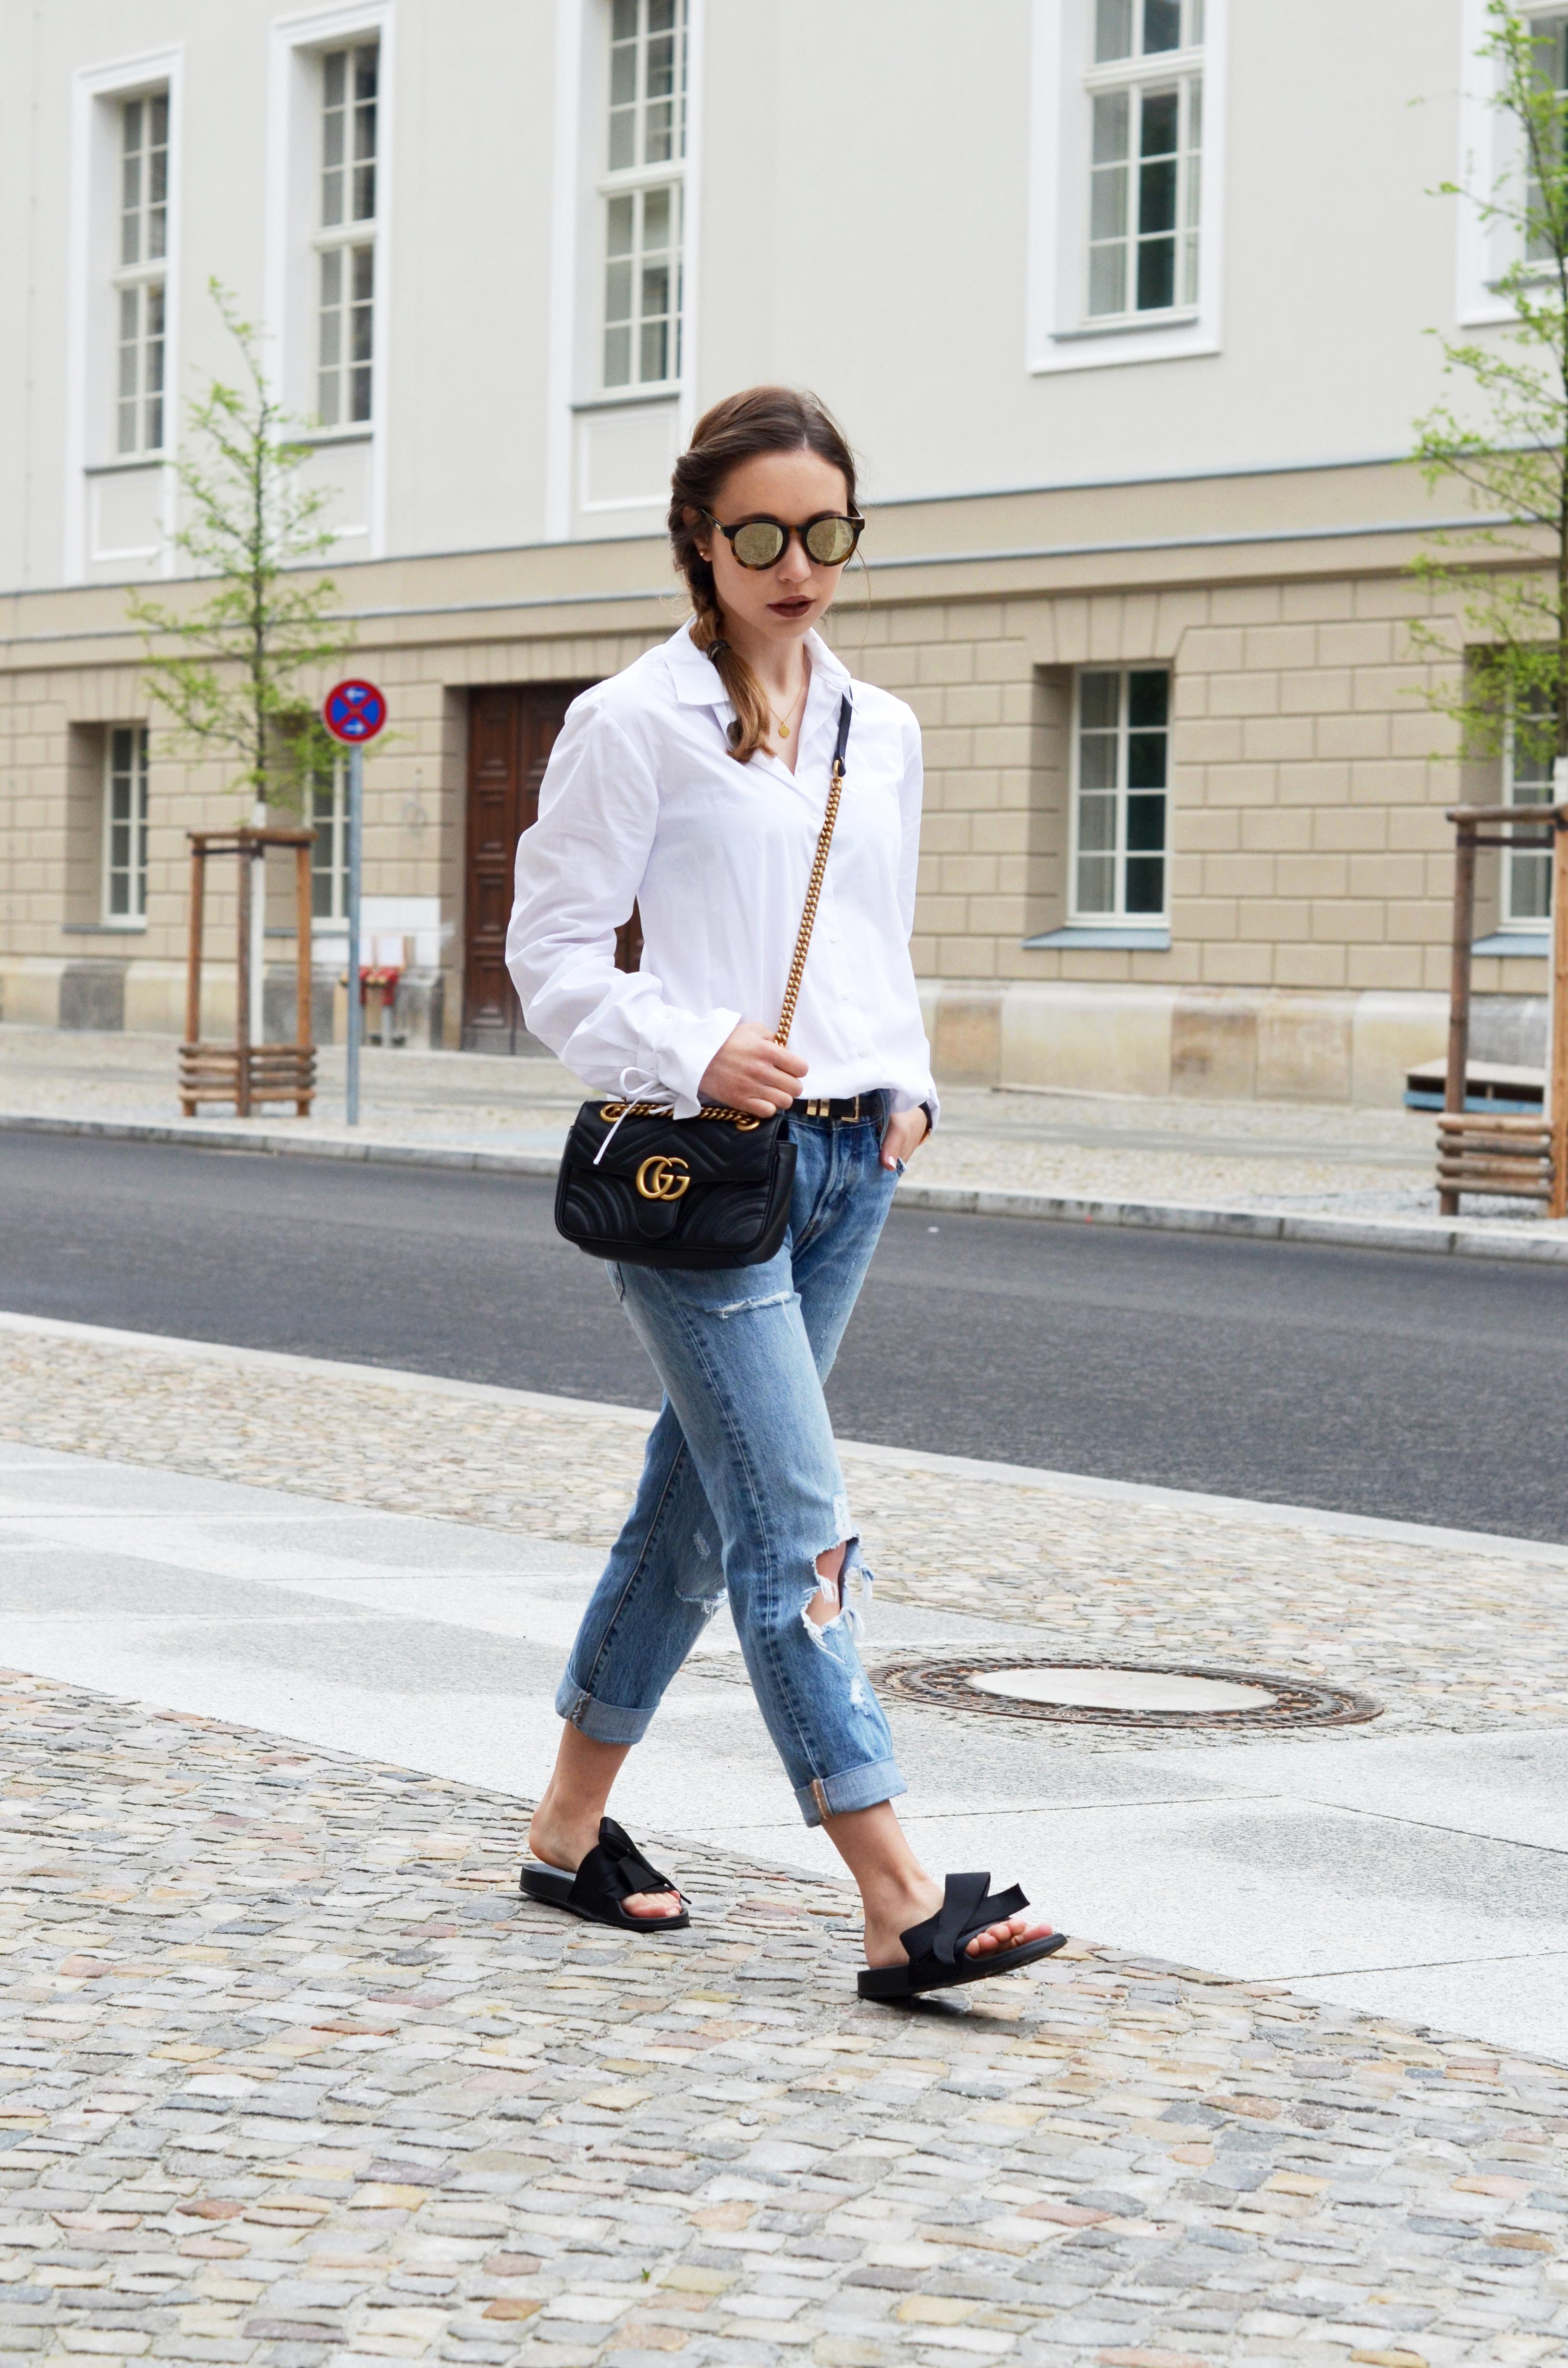 Berühmt Basics kombinieren: Die Klassische weiße Bluse mit einer Boyfriend @QK_58